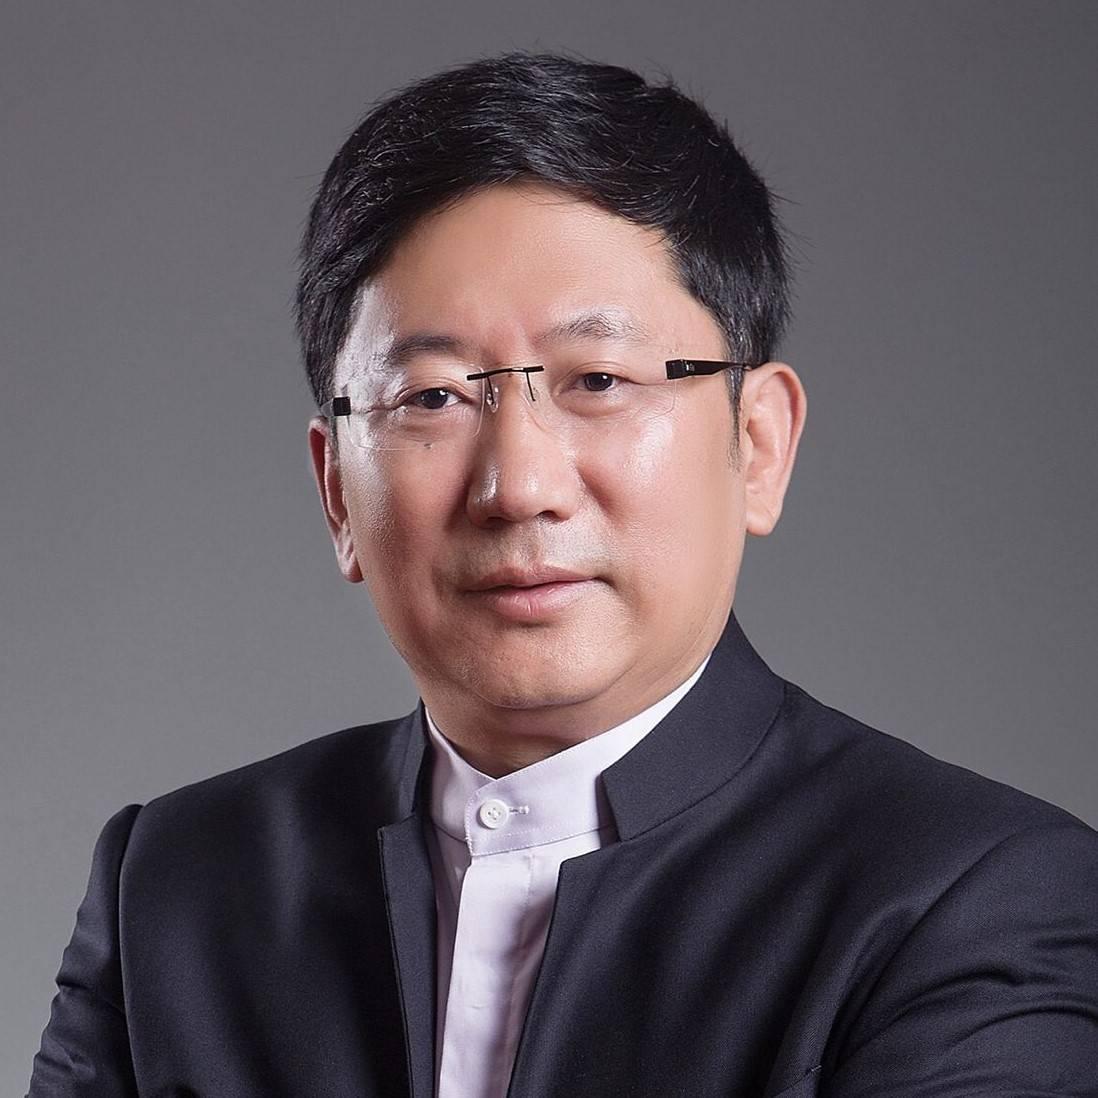 中关村龙门投资董事长 原清华控股有限公司董事长 徐井宏